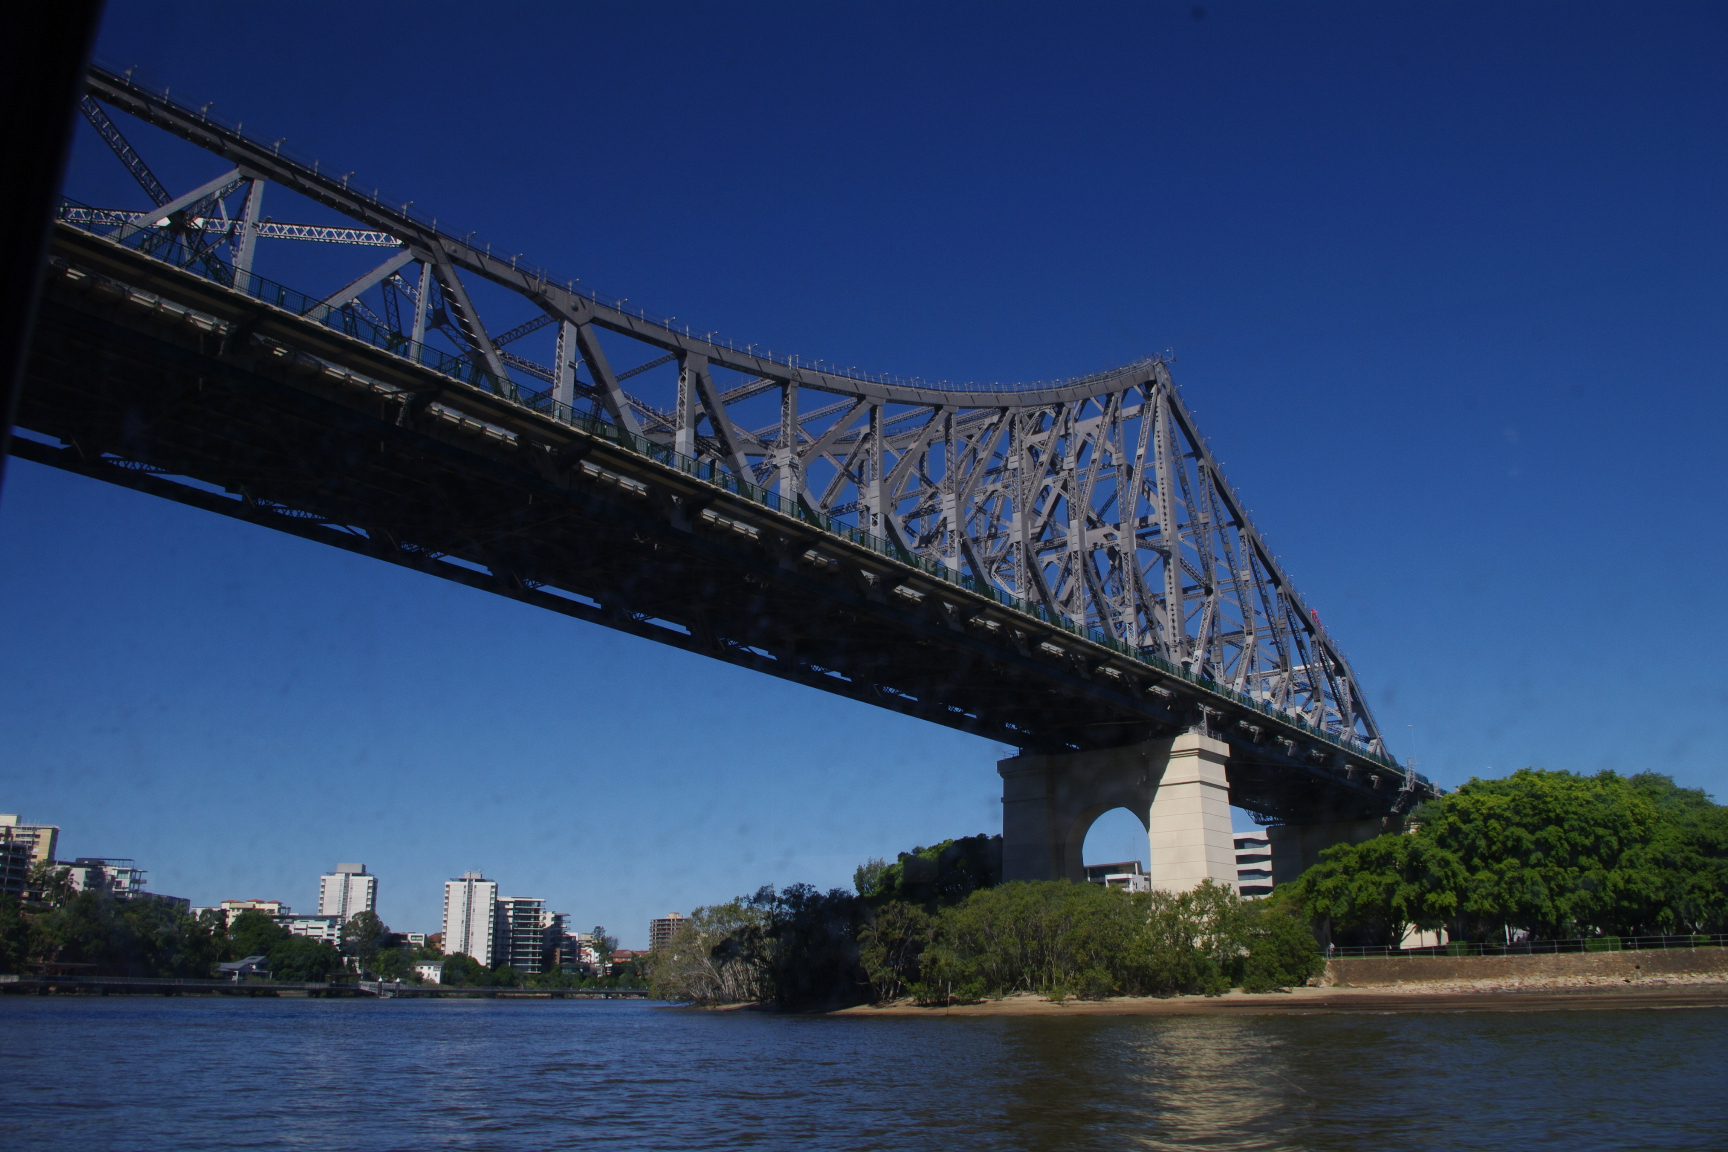 故事桥是布里斯班最著名的一座大桥,连接袋鼠角与布里斯班CBD。该桥建造于1940年6月6日,桥身96%的建筑材料均取自于澳洲当地。故事桥并没有什么特别的故事,之所以叫故事桥是因为其设计者姓Story,中文把Story翻译成了故事二字而已。故事桥之所以闻名遐迩,主要是因为story后来又设计了让他声名鹊起的悉尼海港大桥。故事桥在1992年被昆士兰州列入遗产名录。   从2005年开始,故事桥可以进行商业攀登,也是世界上仅有几个特许经营攀登大桥的场所之一。   布里斯班河在布里斯班市中心现有8座桥,从东至西